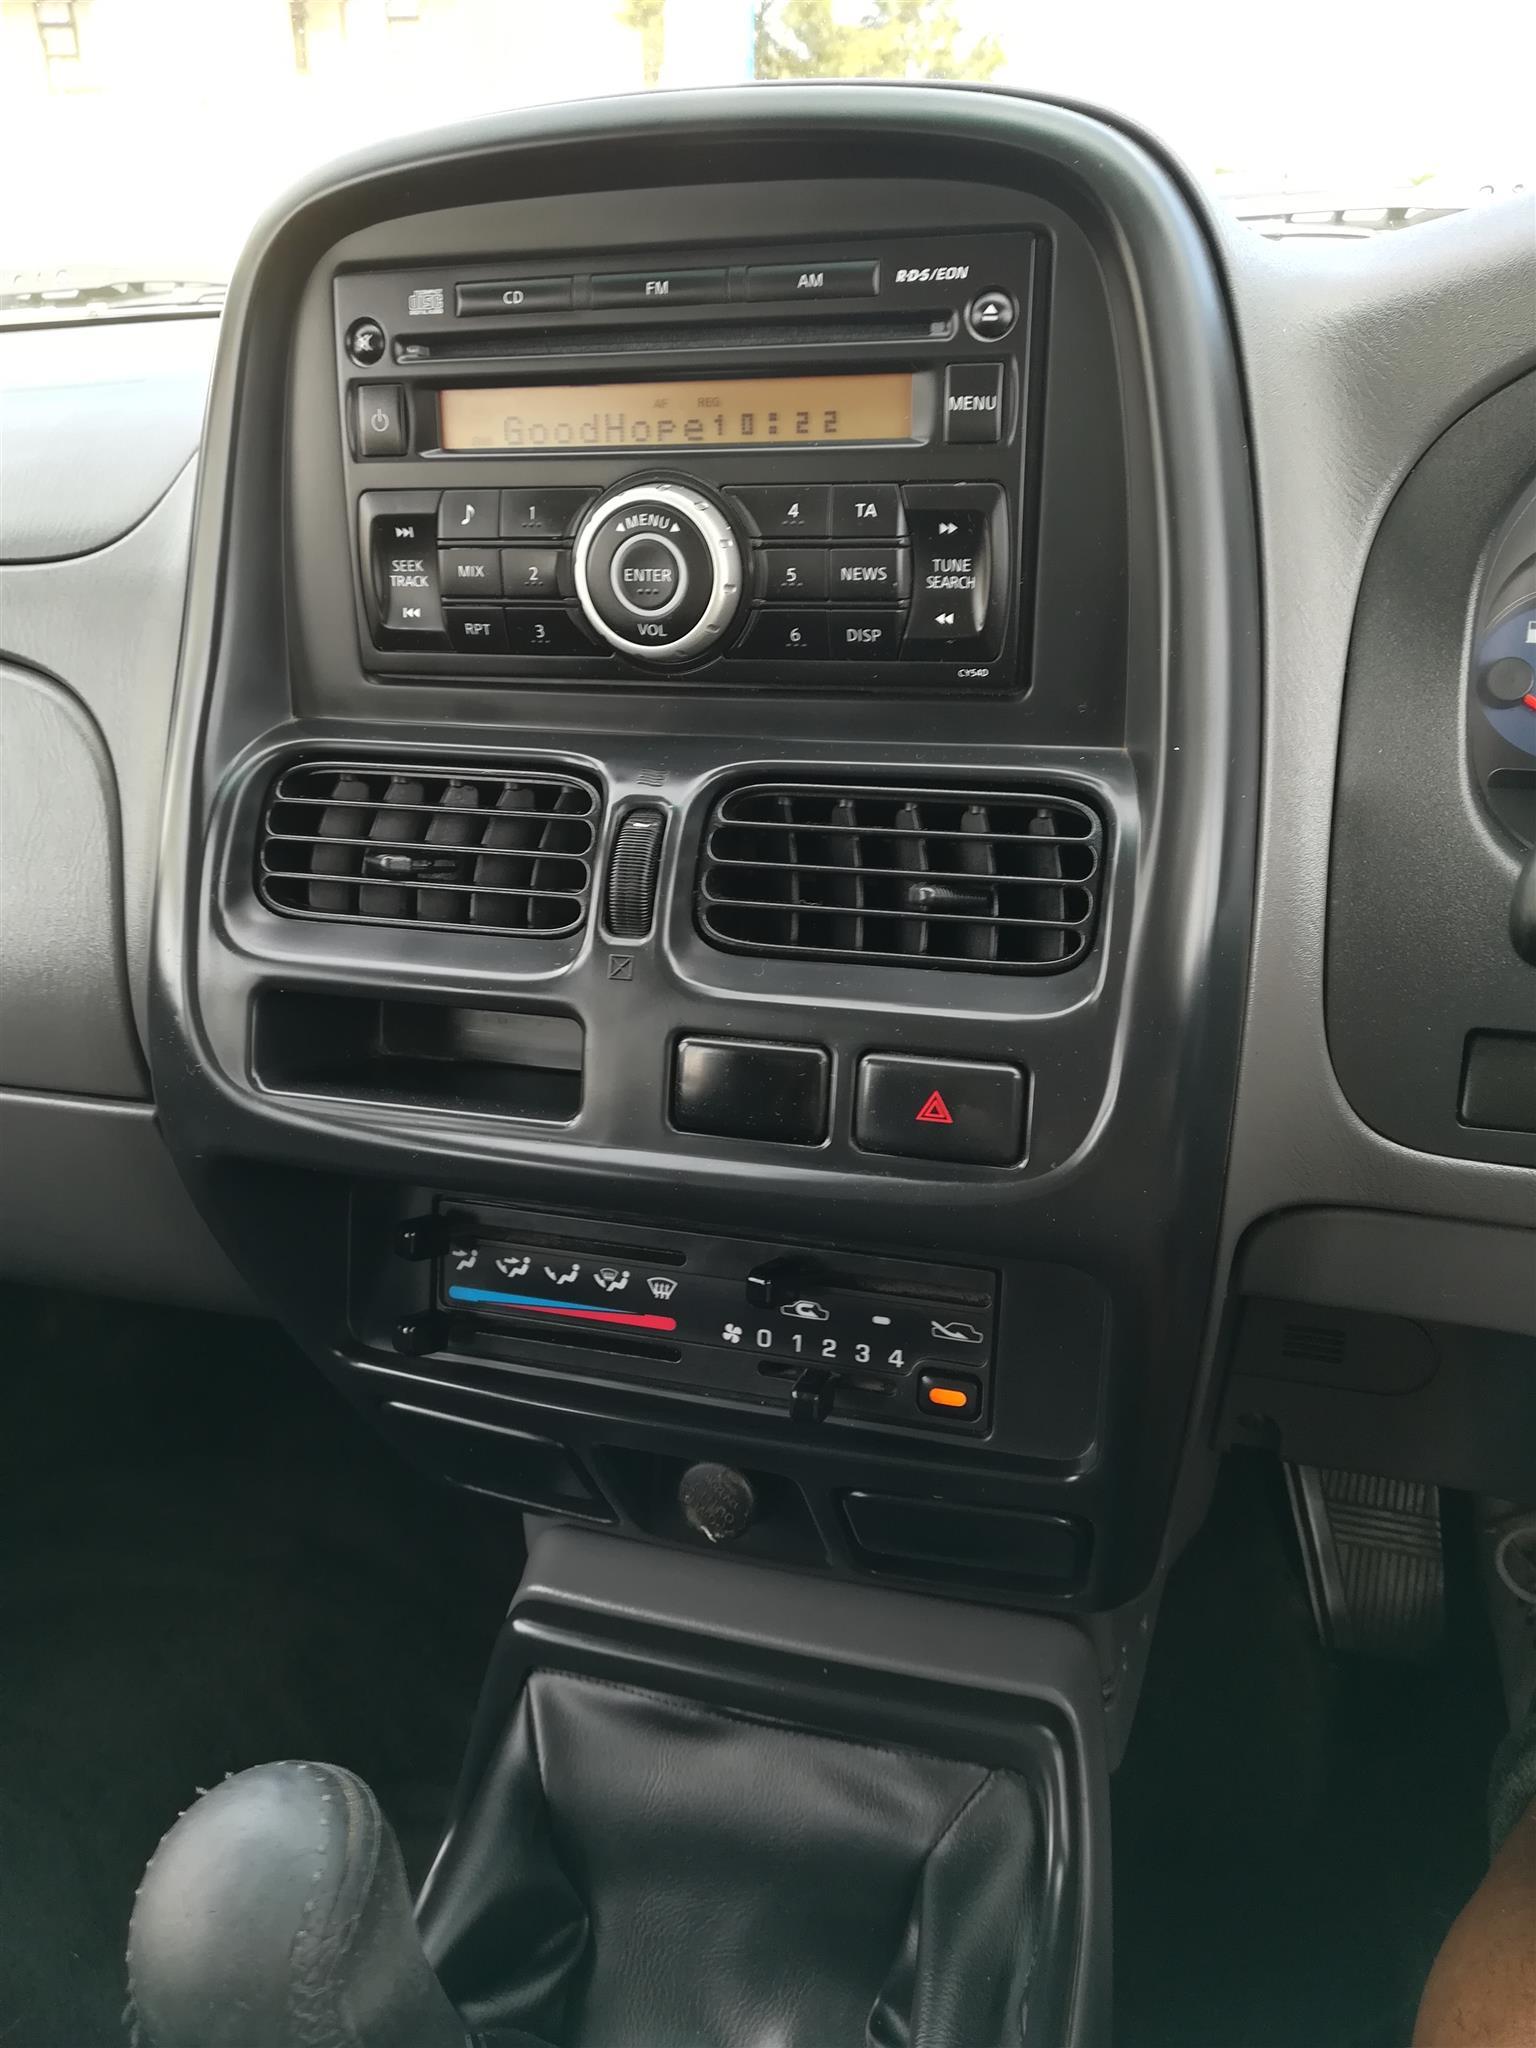 2016 Nissan NP300 Hardbody 2.5TDi (aircon)